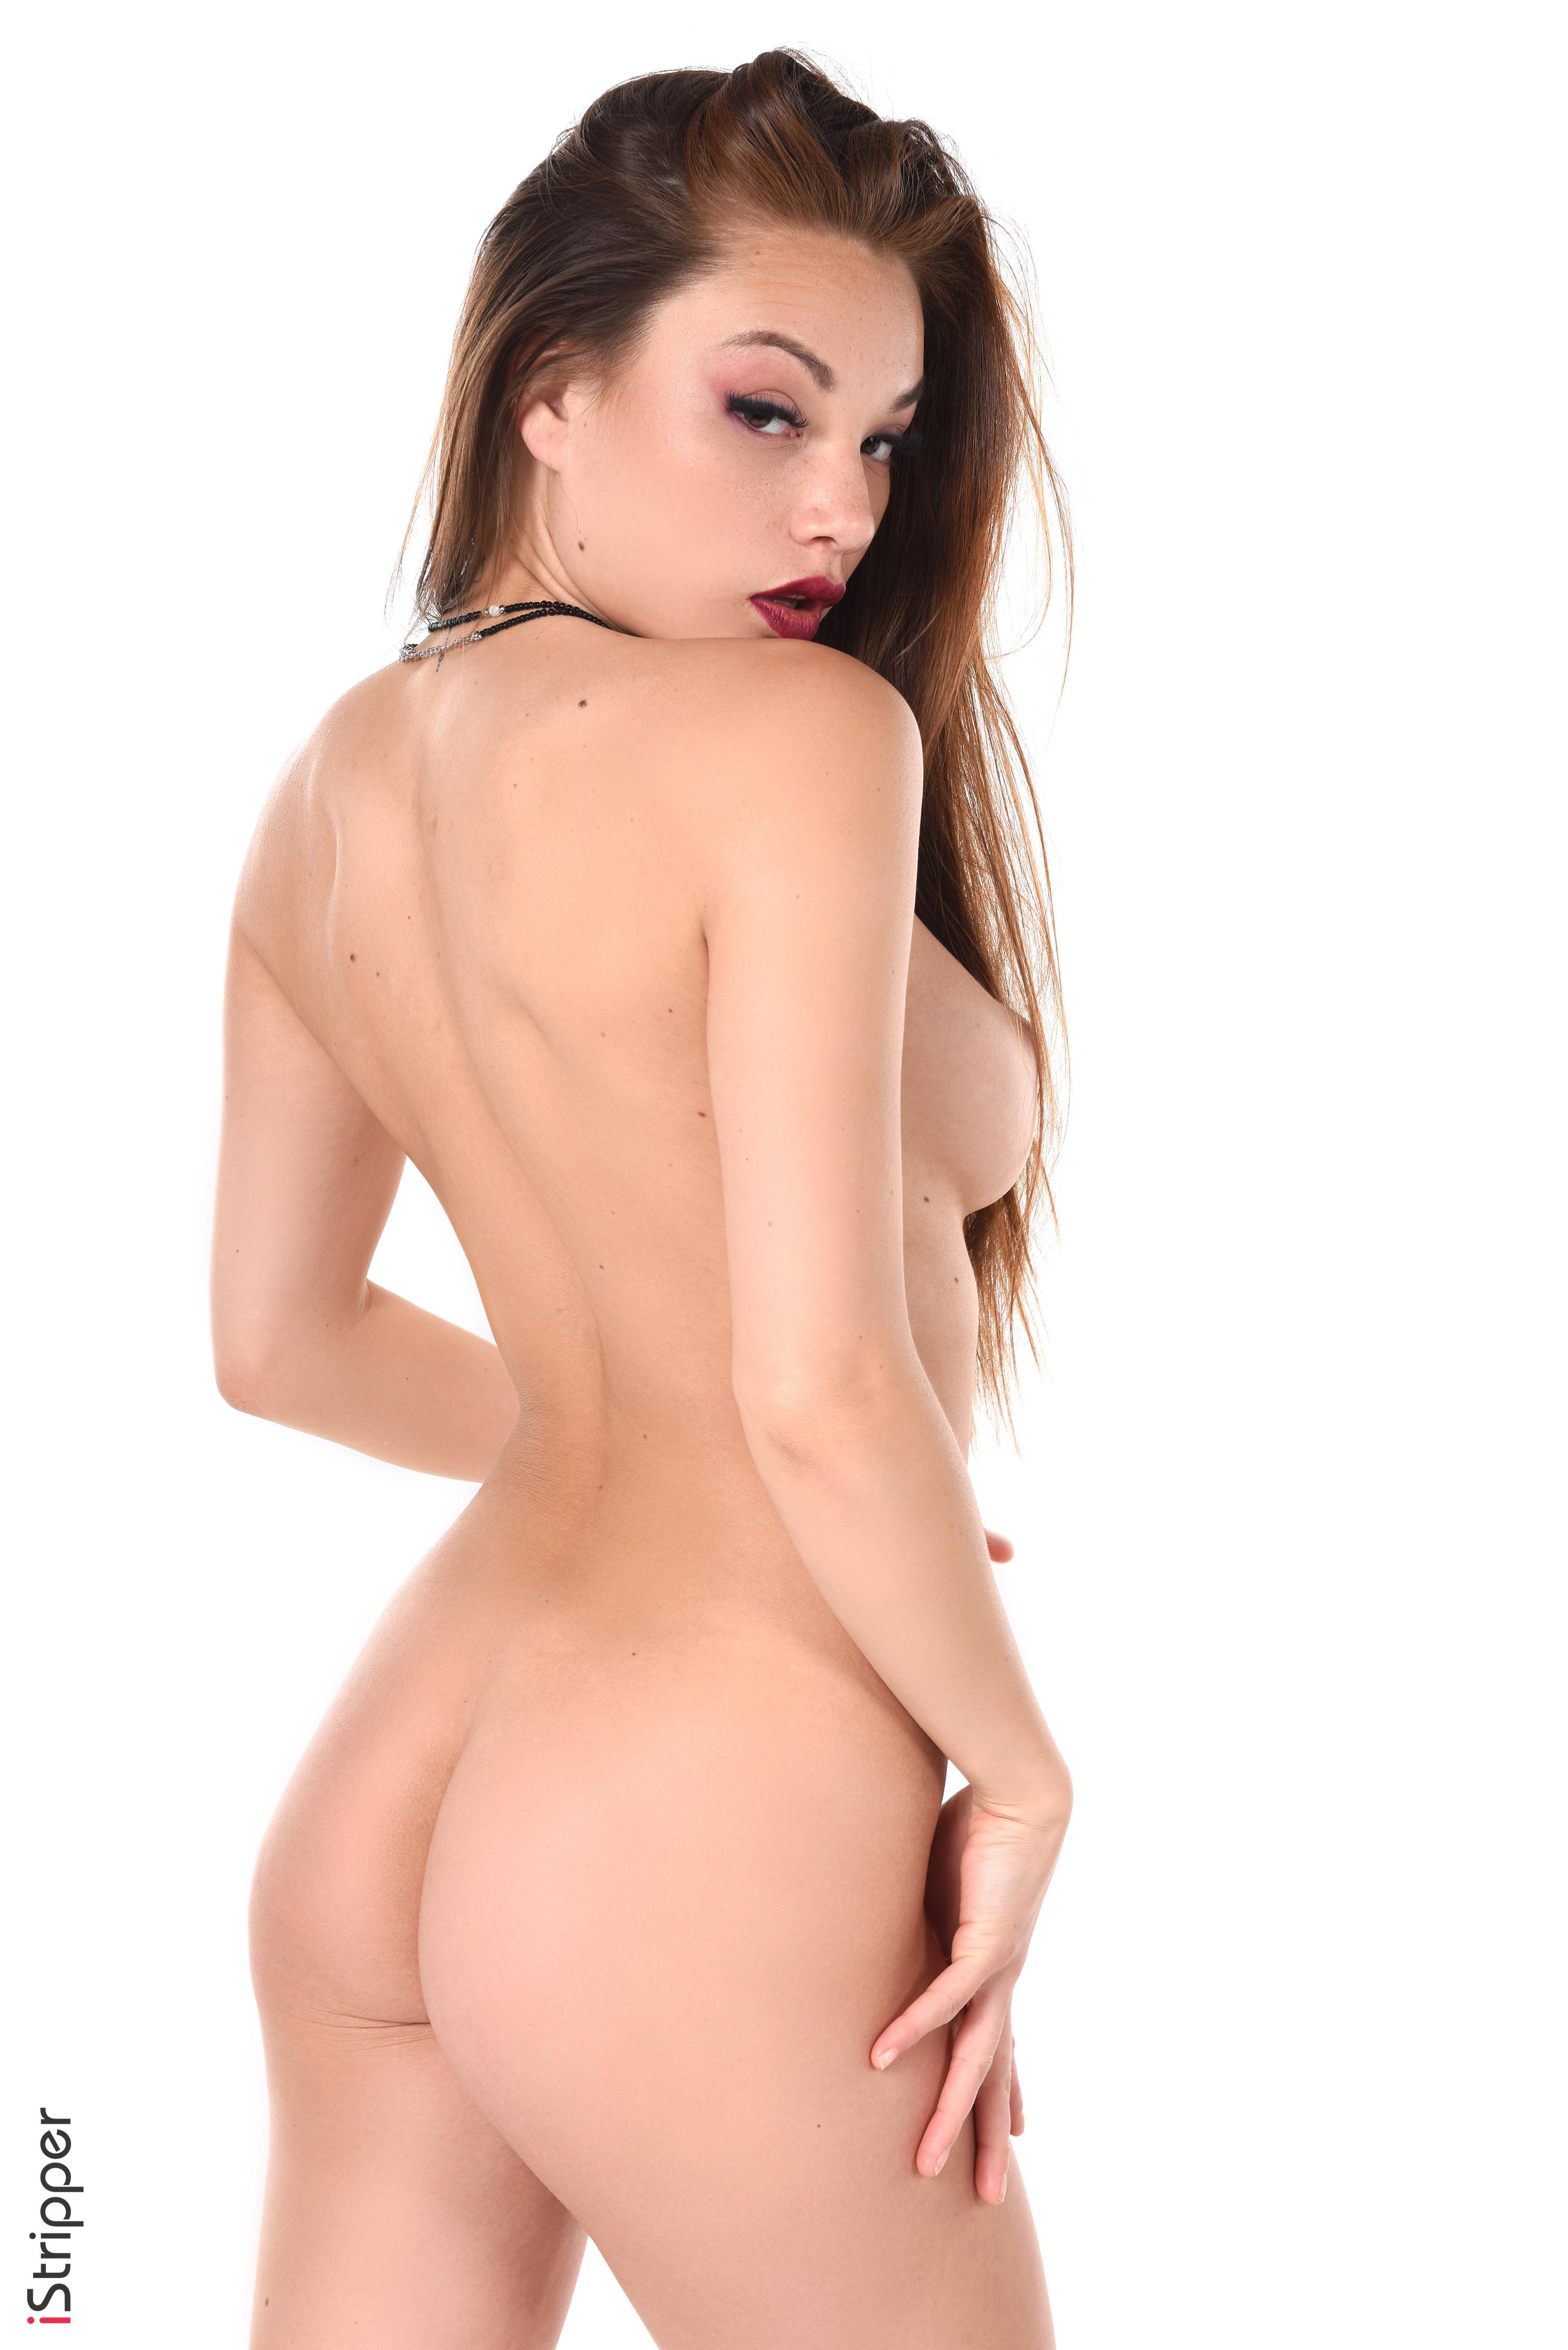 asain striptease sexy slow